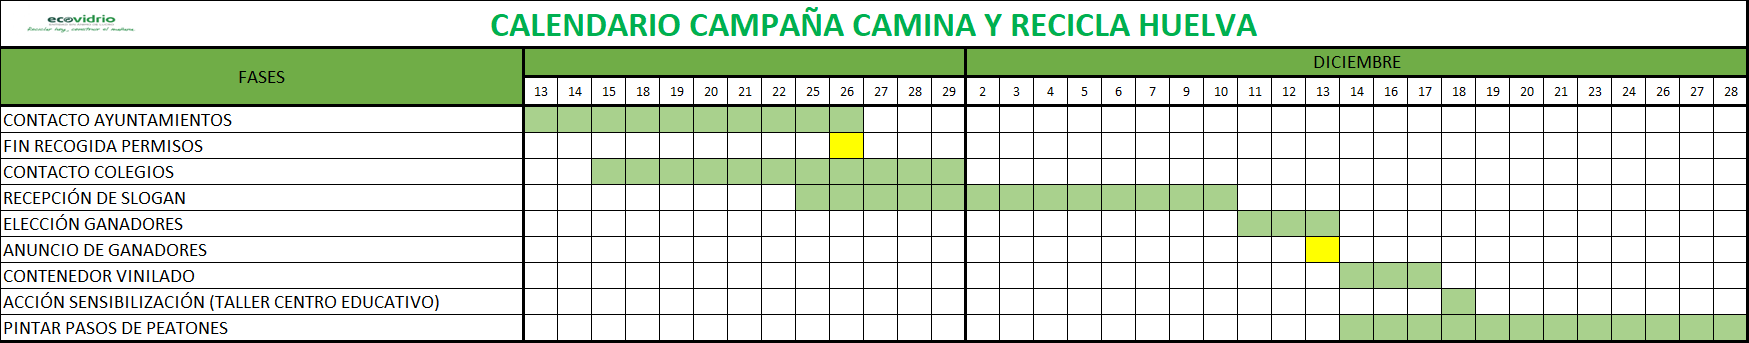 Cronograma camina y recicla Huelva.png